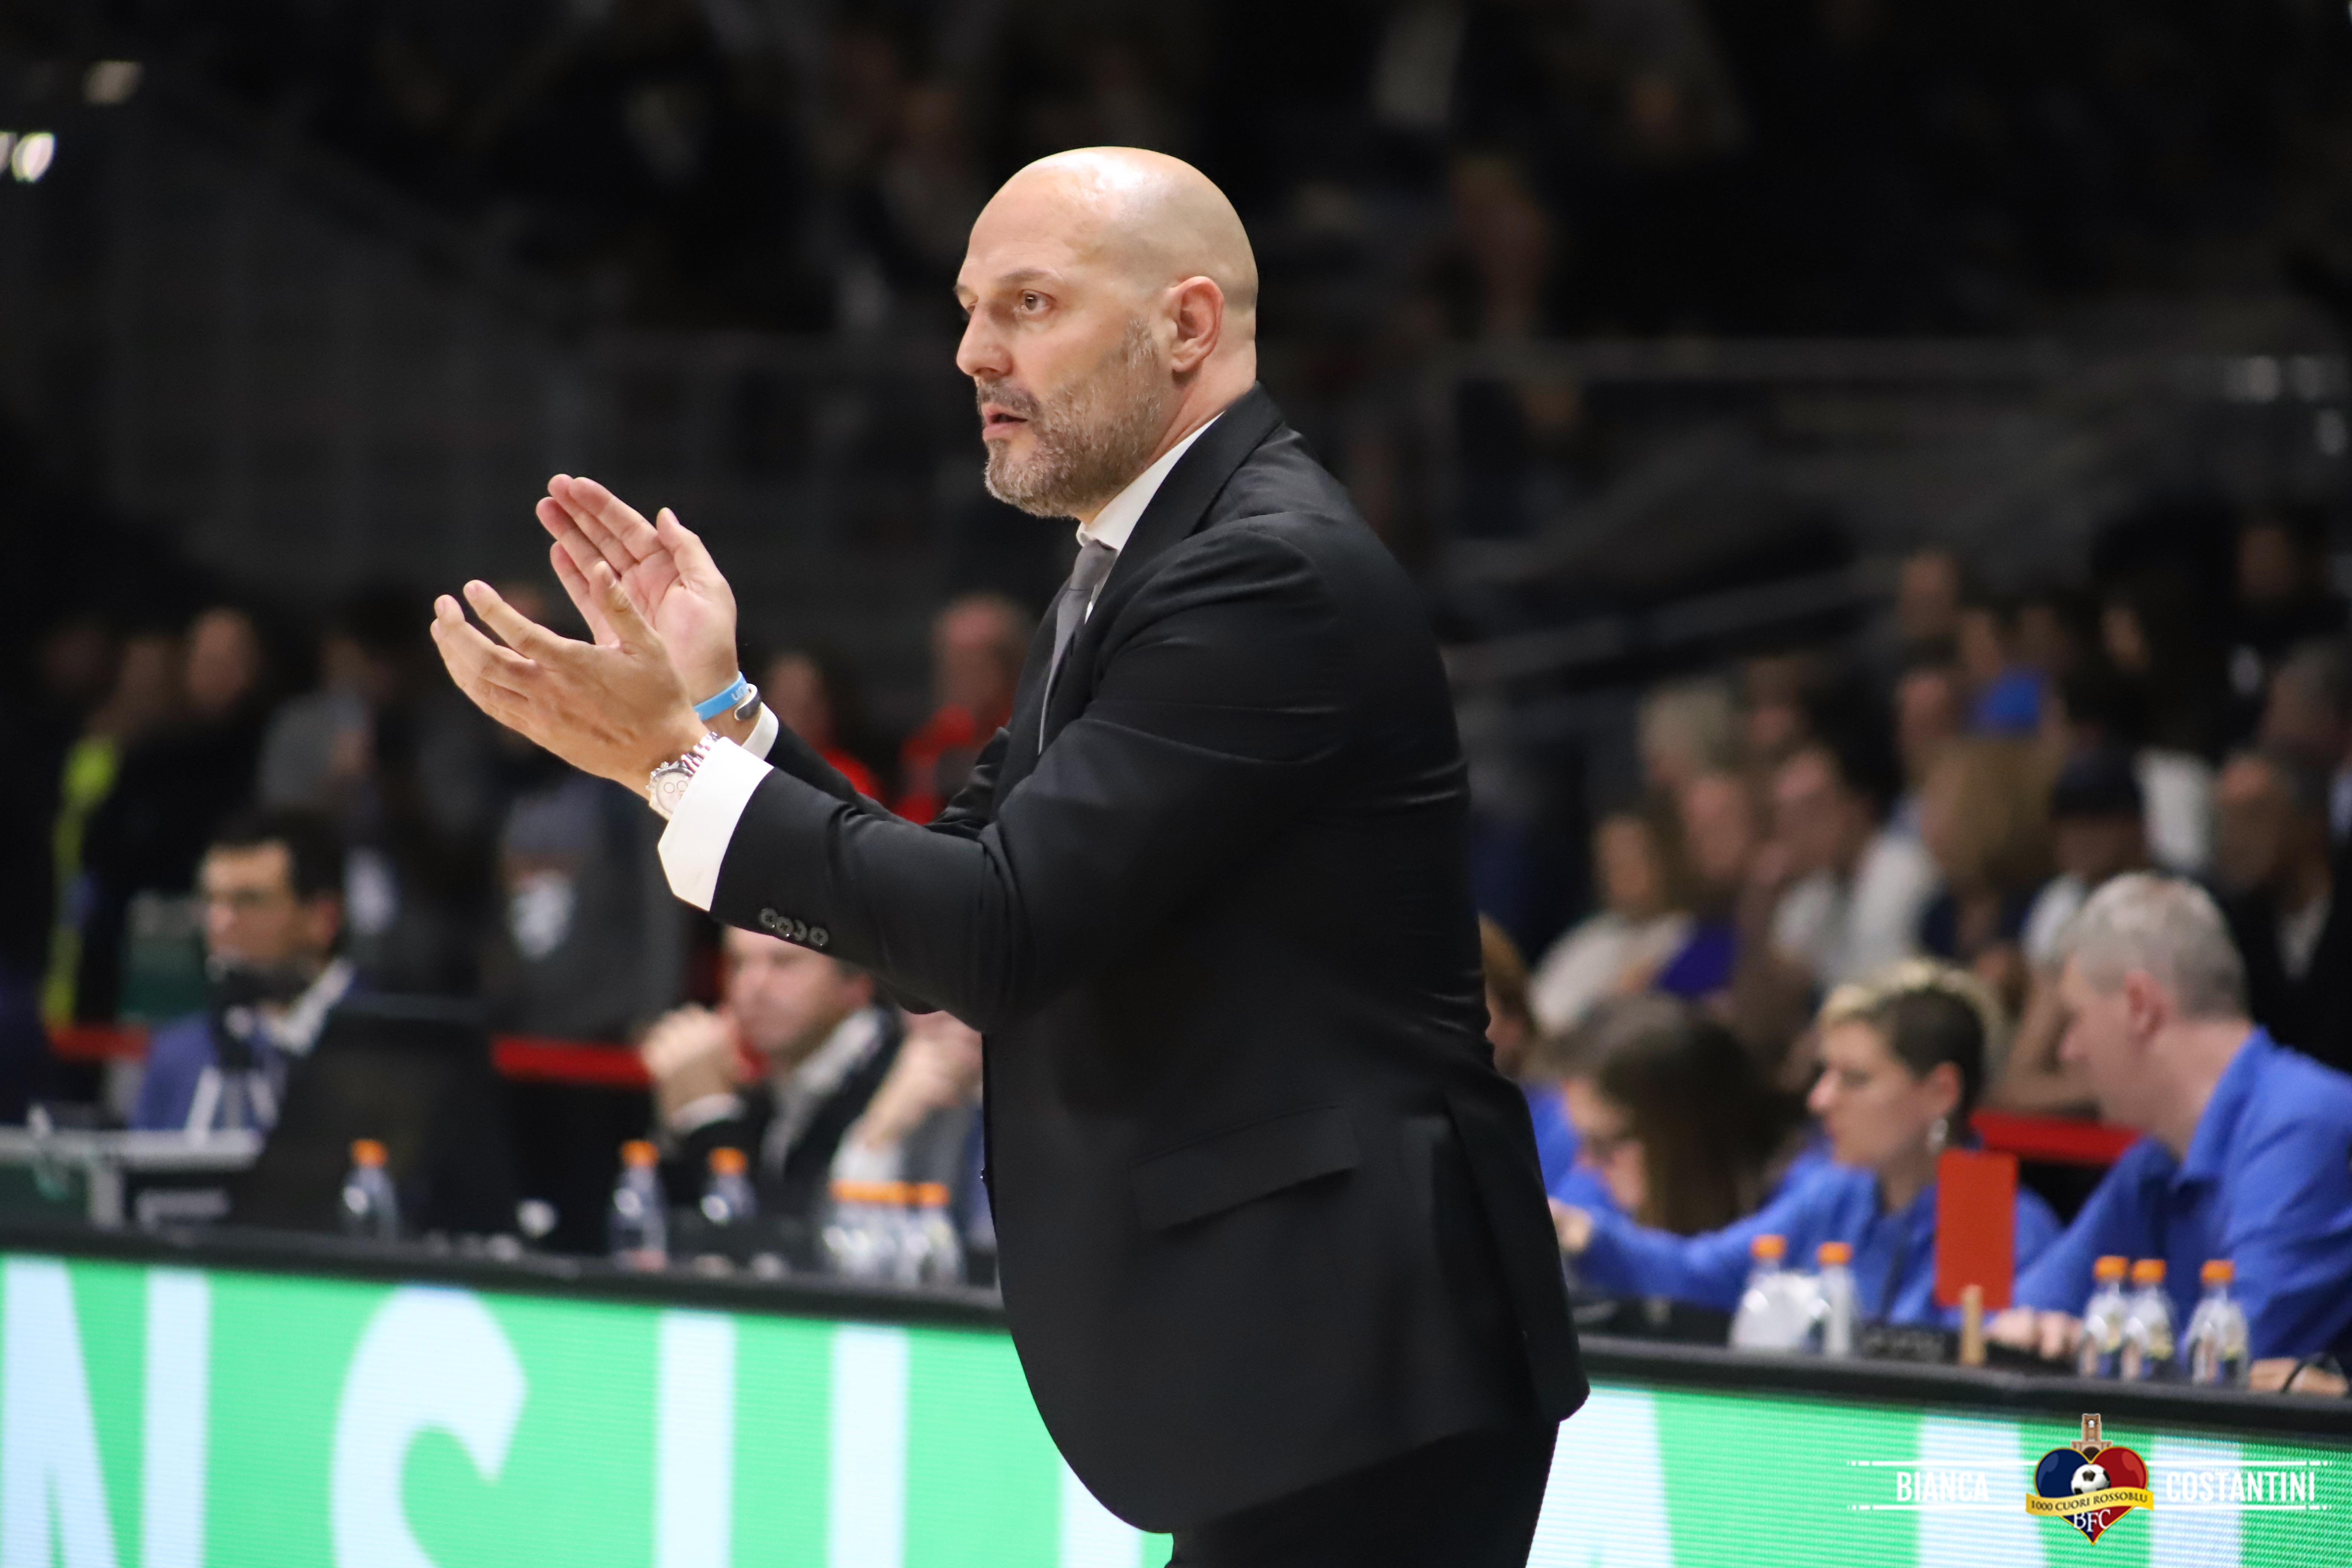 """Virtus Segafredo, parla coach Djordjevic: """"Siamo davvero tutti molto felici di tornare in palestra e di ricominciare"""""""